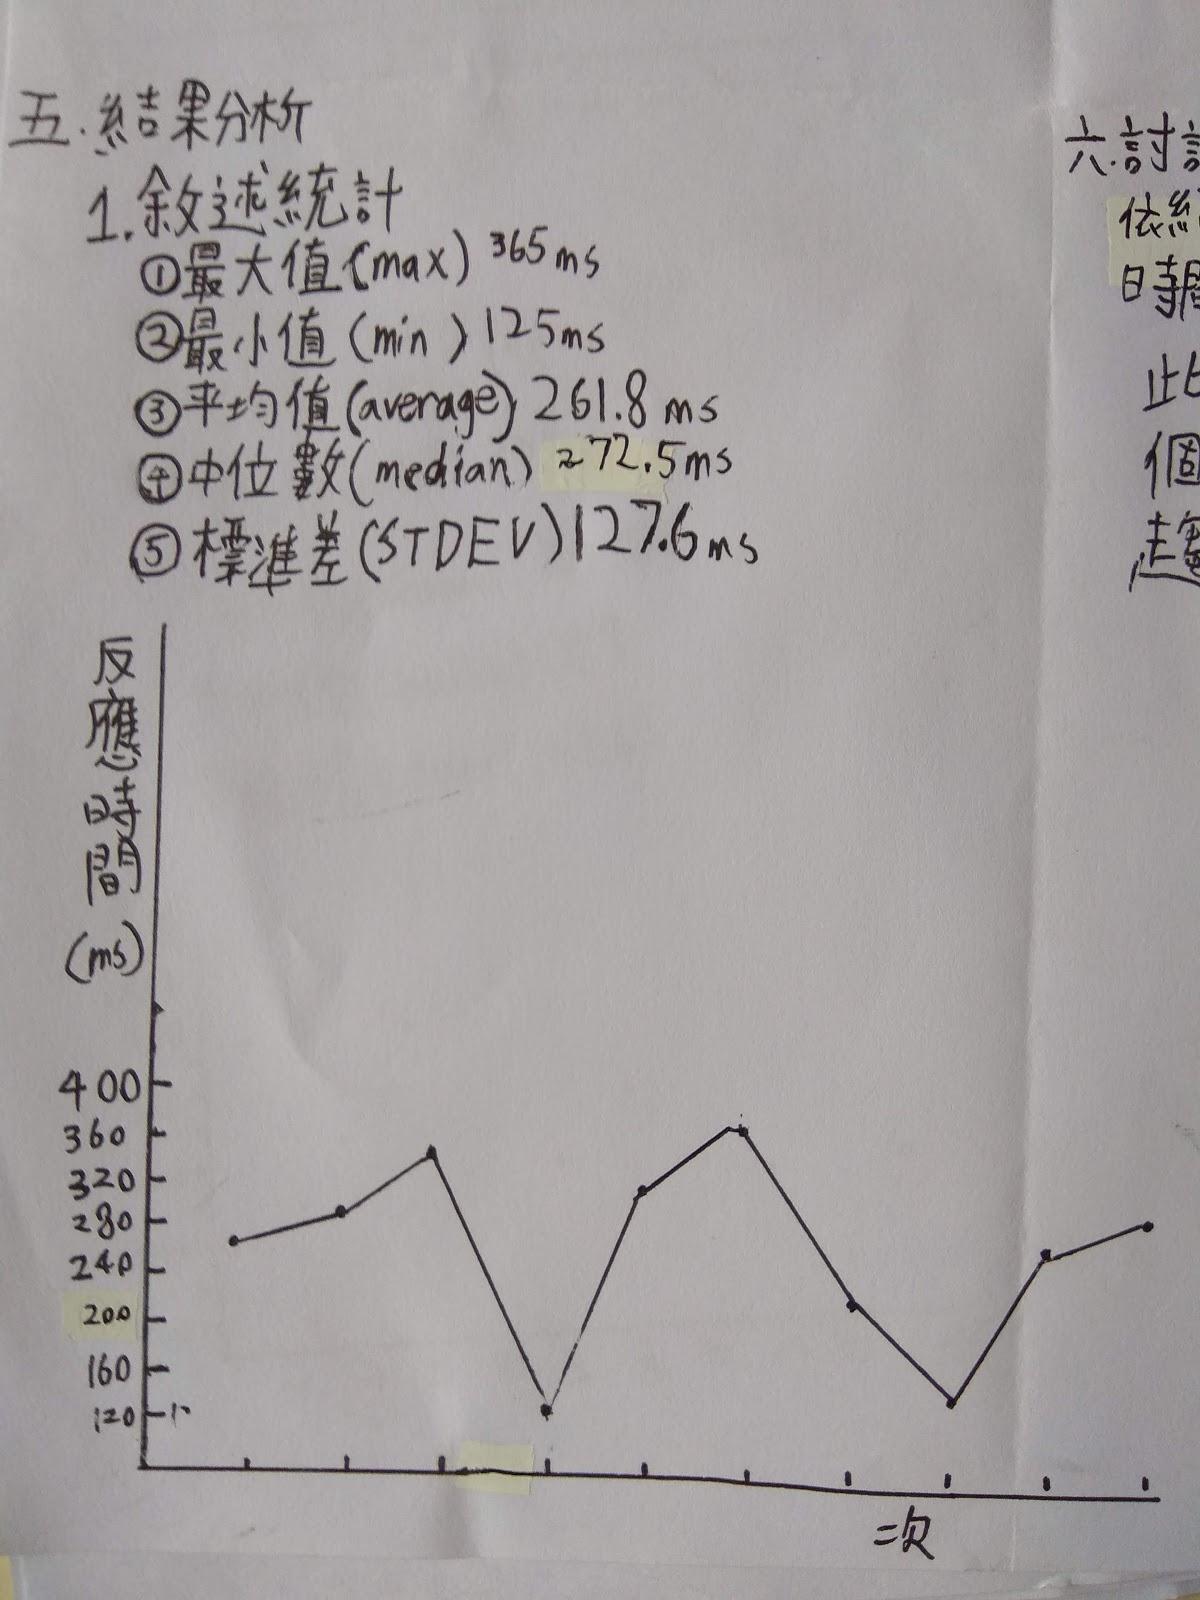 阿簡生物筆記: 用micro bit測反應時間學習探究活動的進行